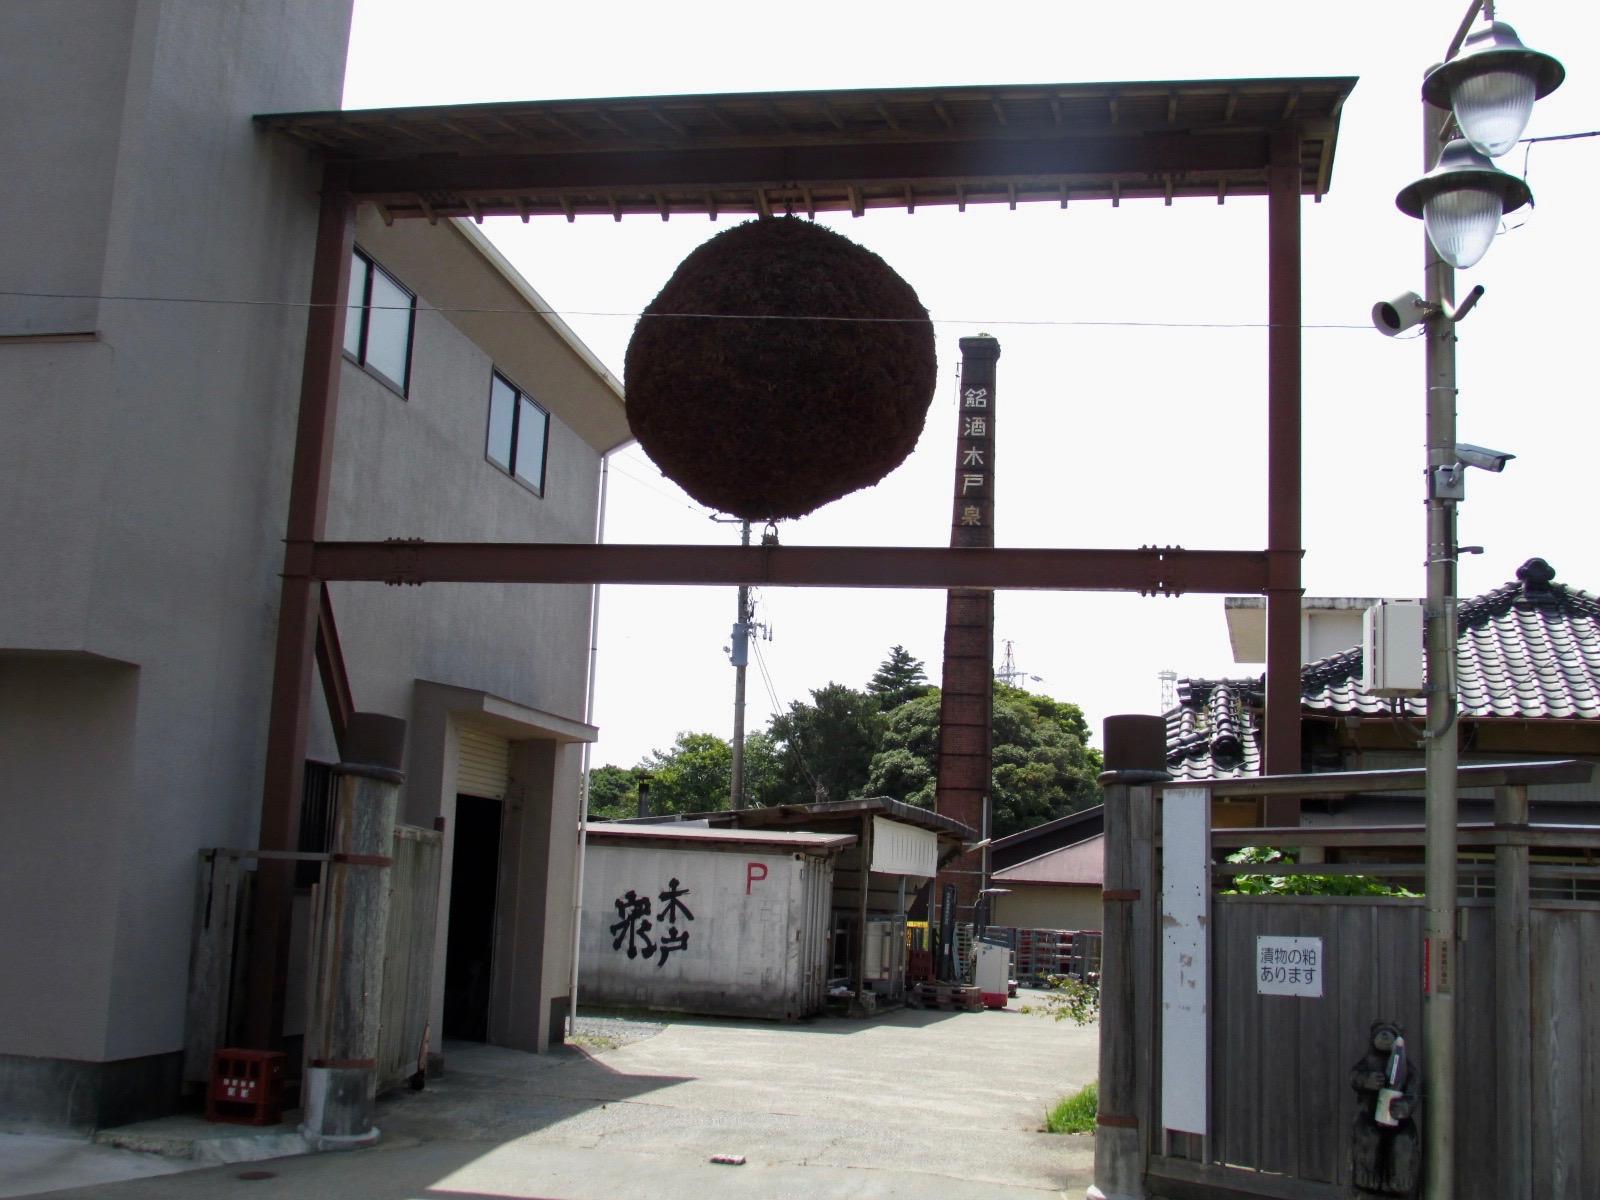 f:id:hiro-jp:20200605134026j:plain